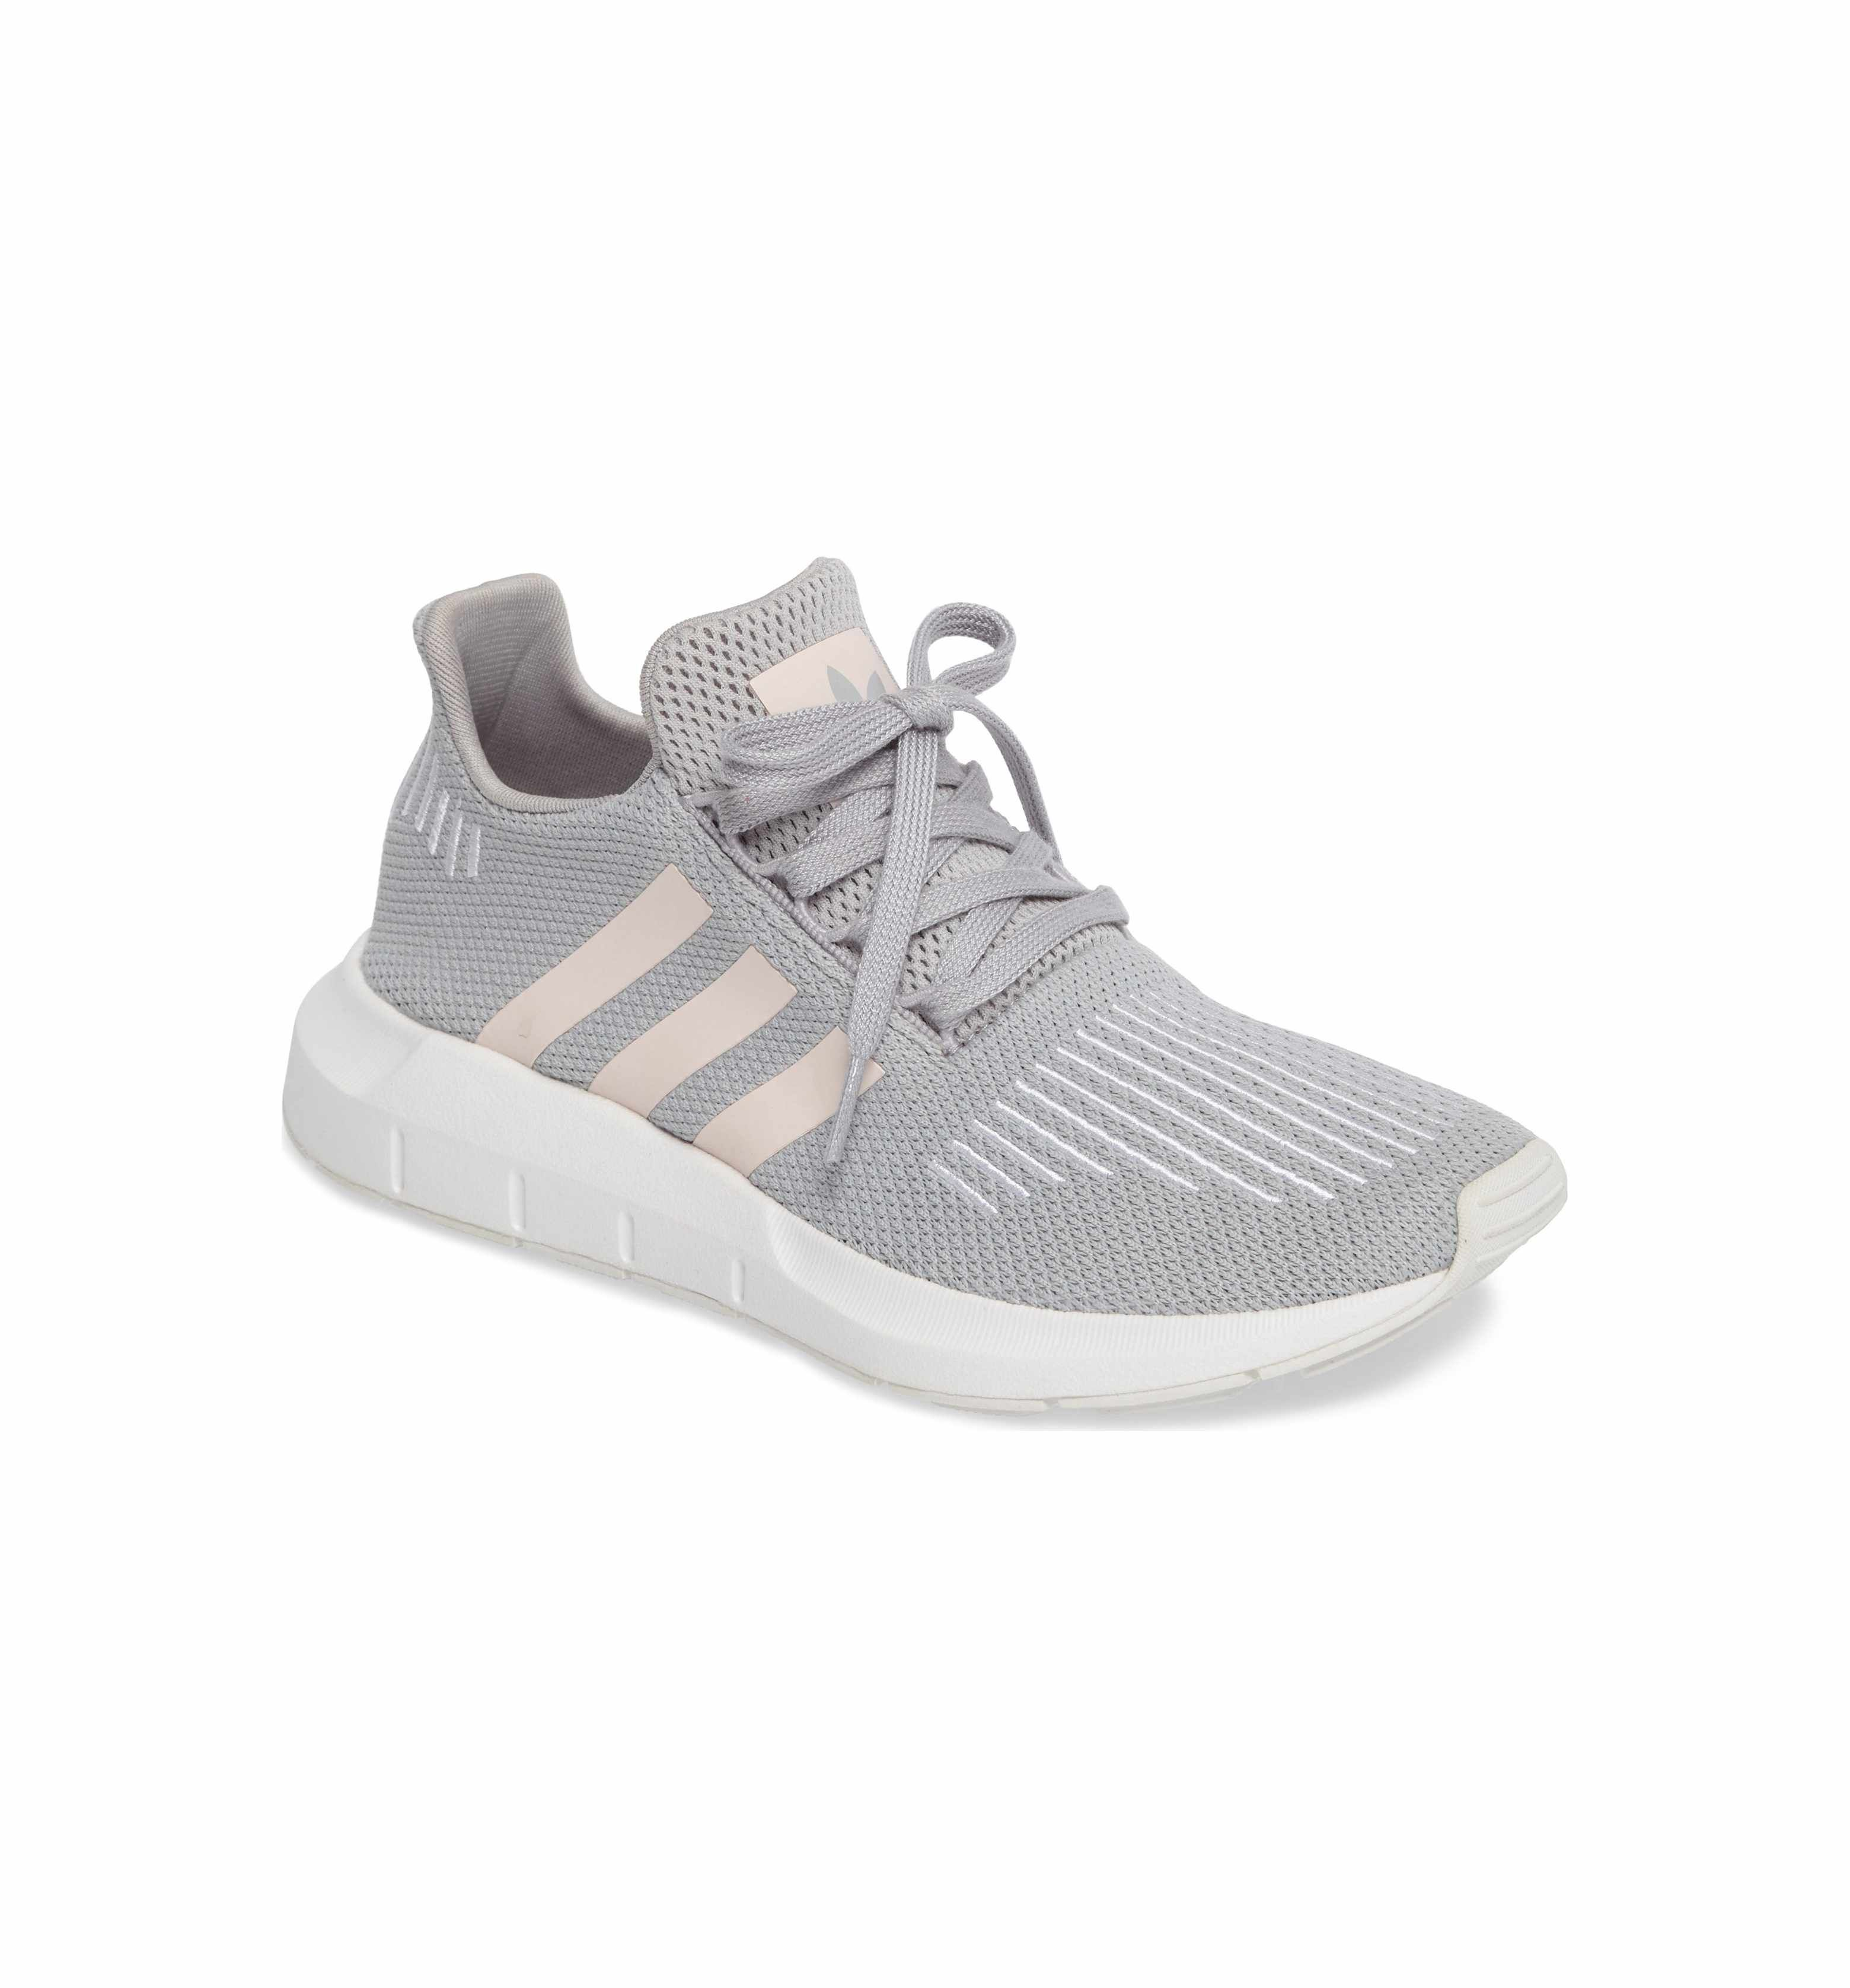 adidas swift run women gray